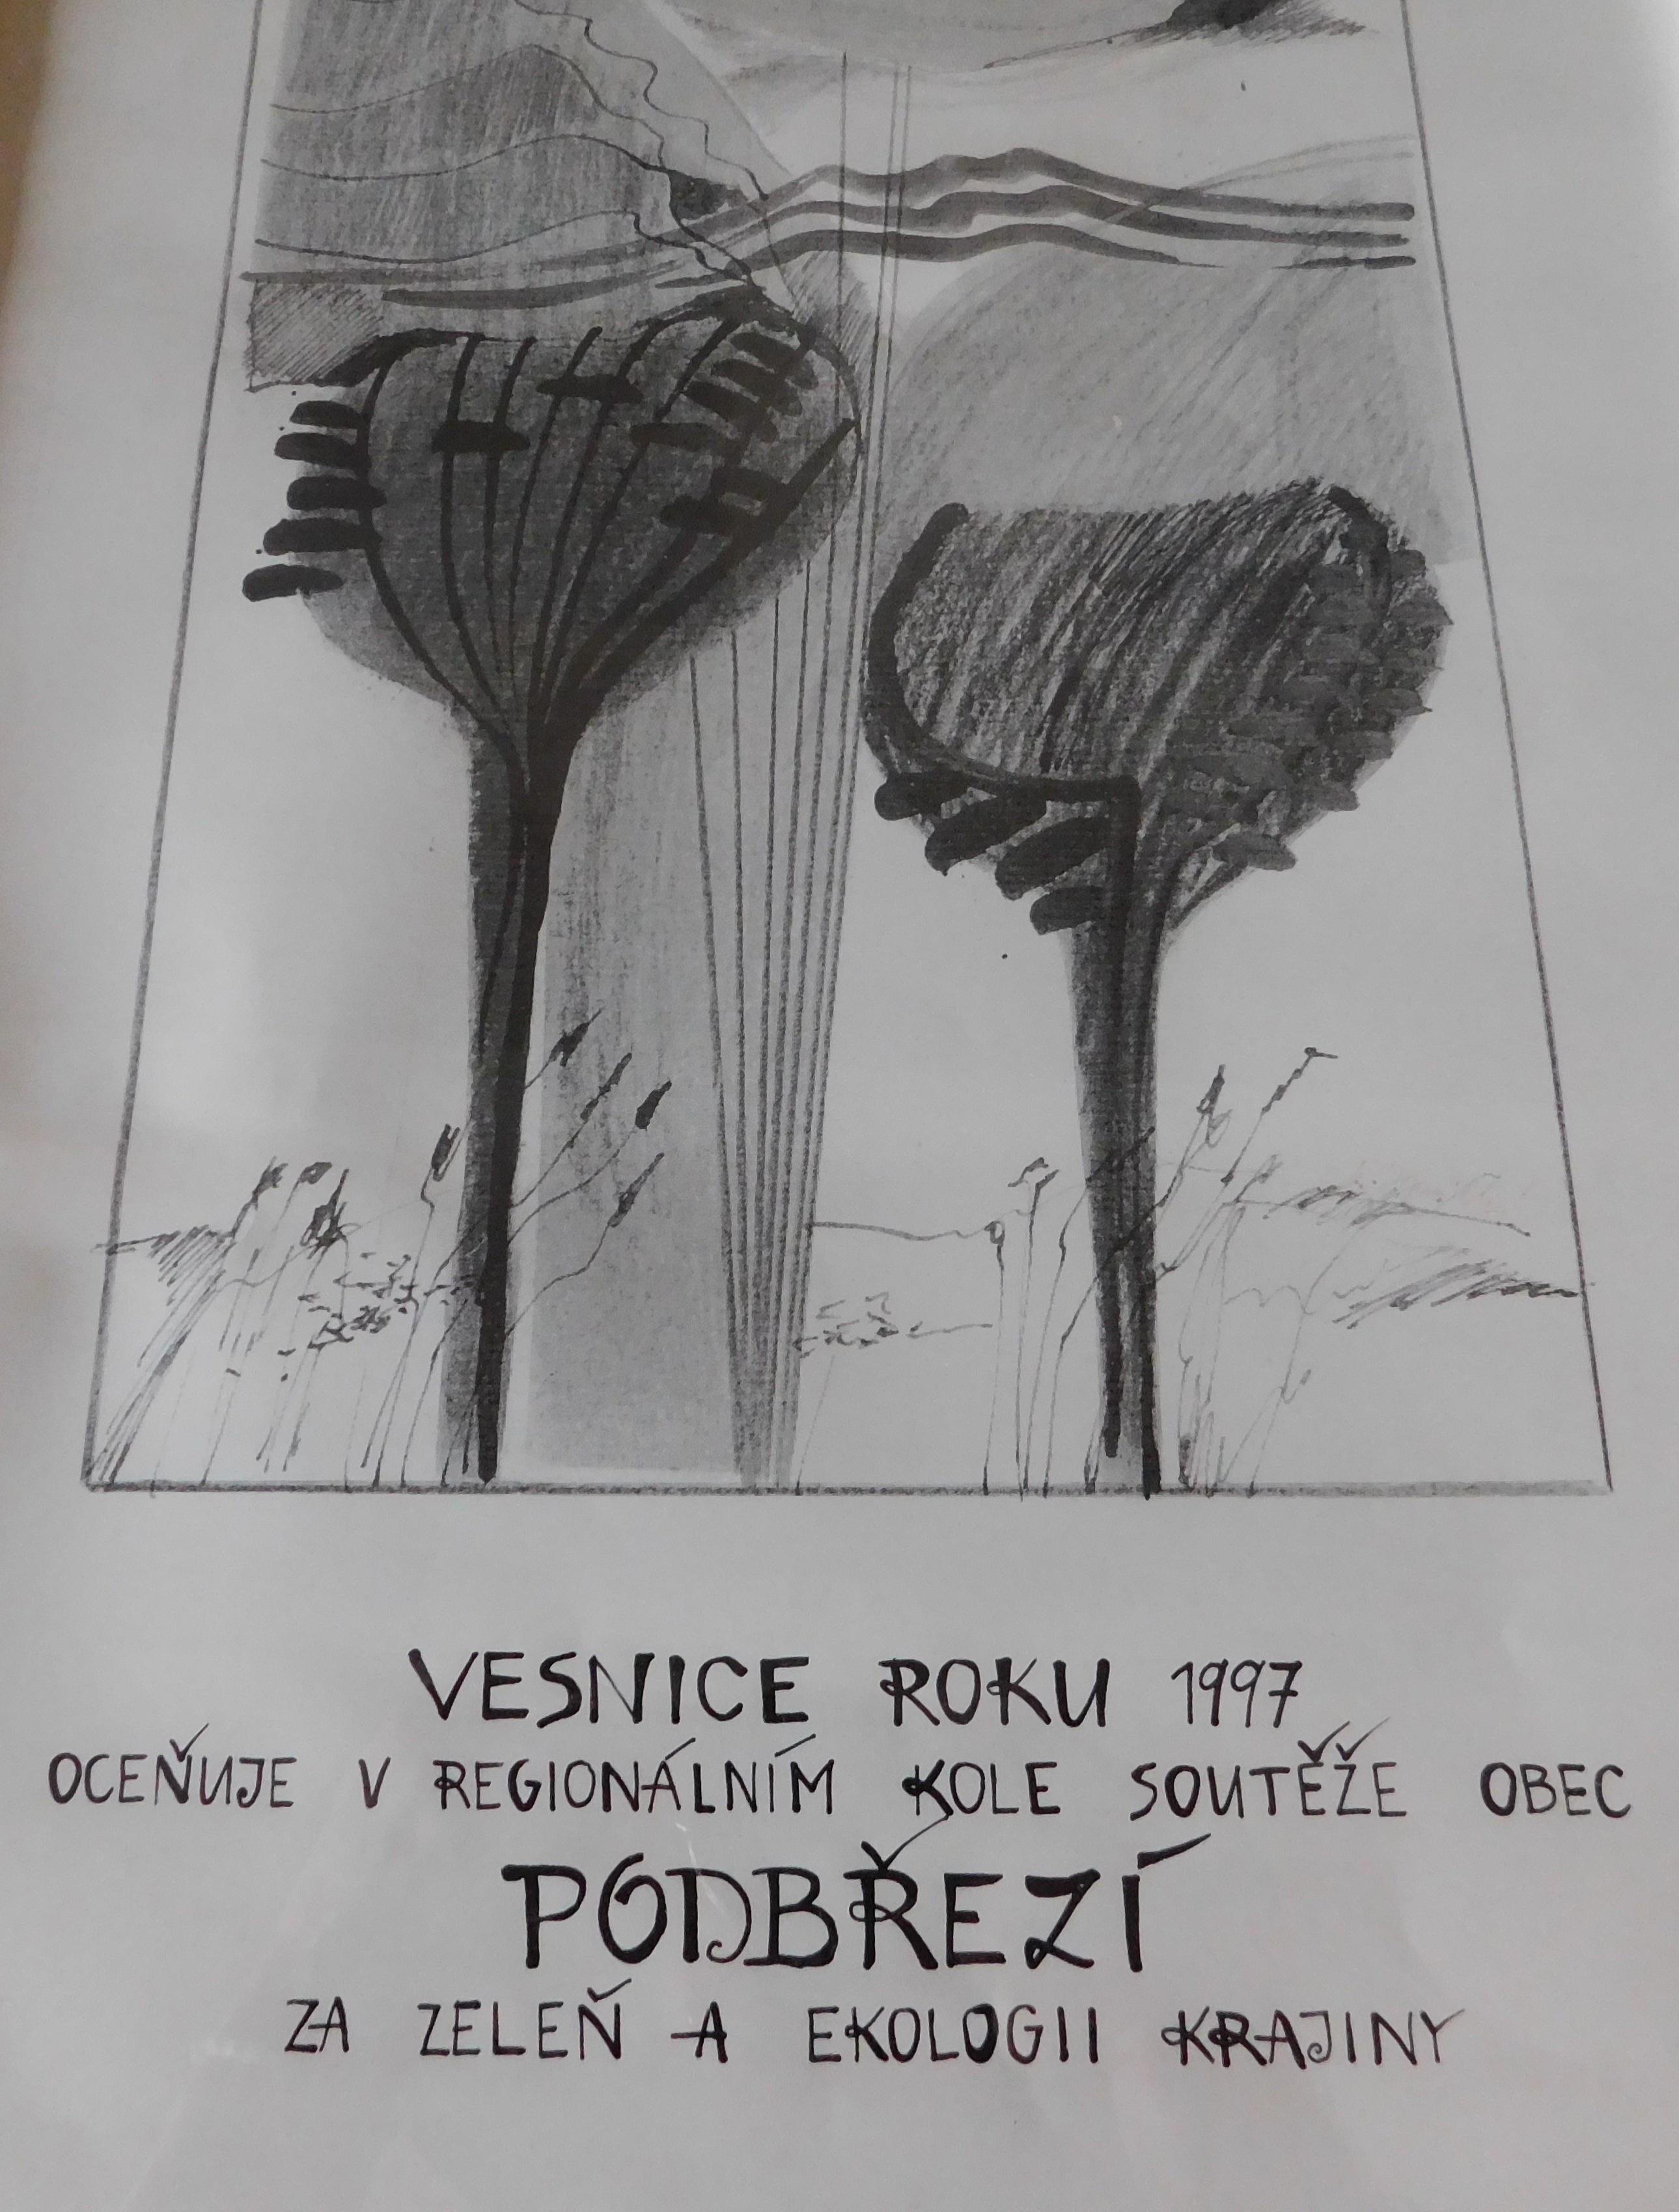 Diplom - Vesnice roku 1997